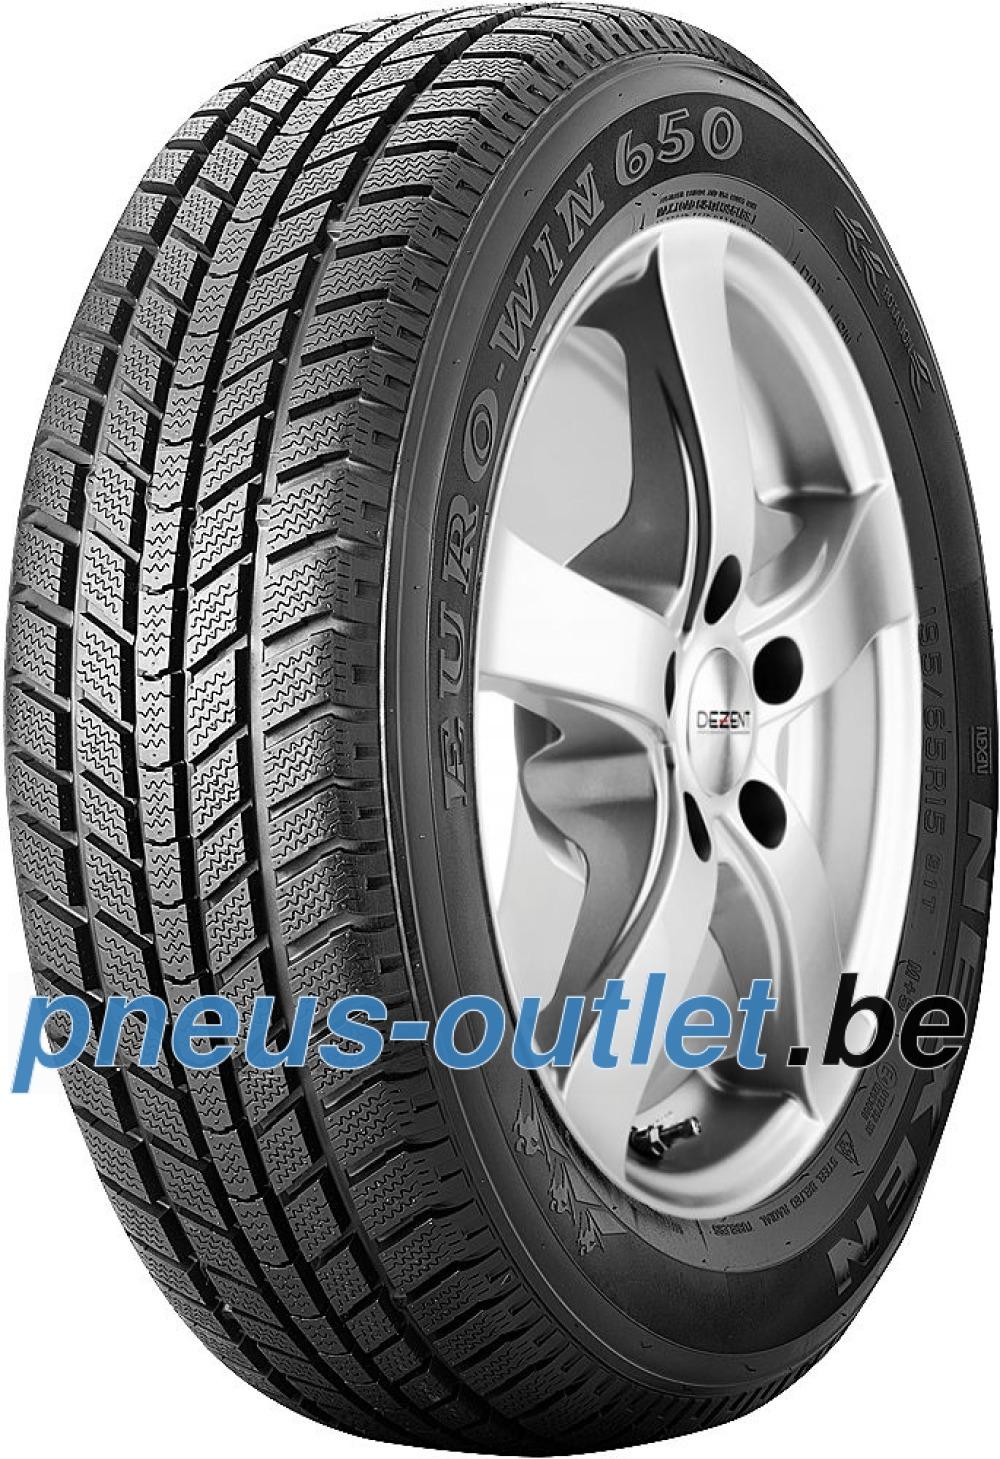 Nexen Eurowin ( 165/70 R14 89/87R )